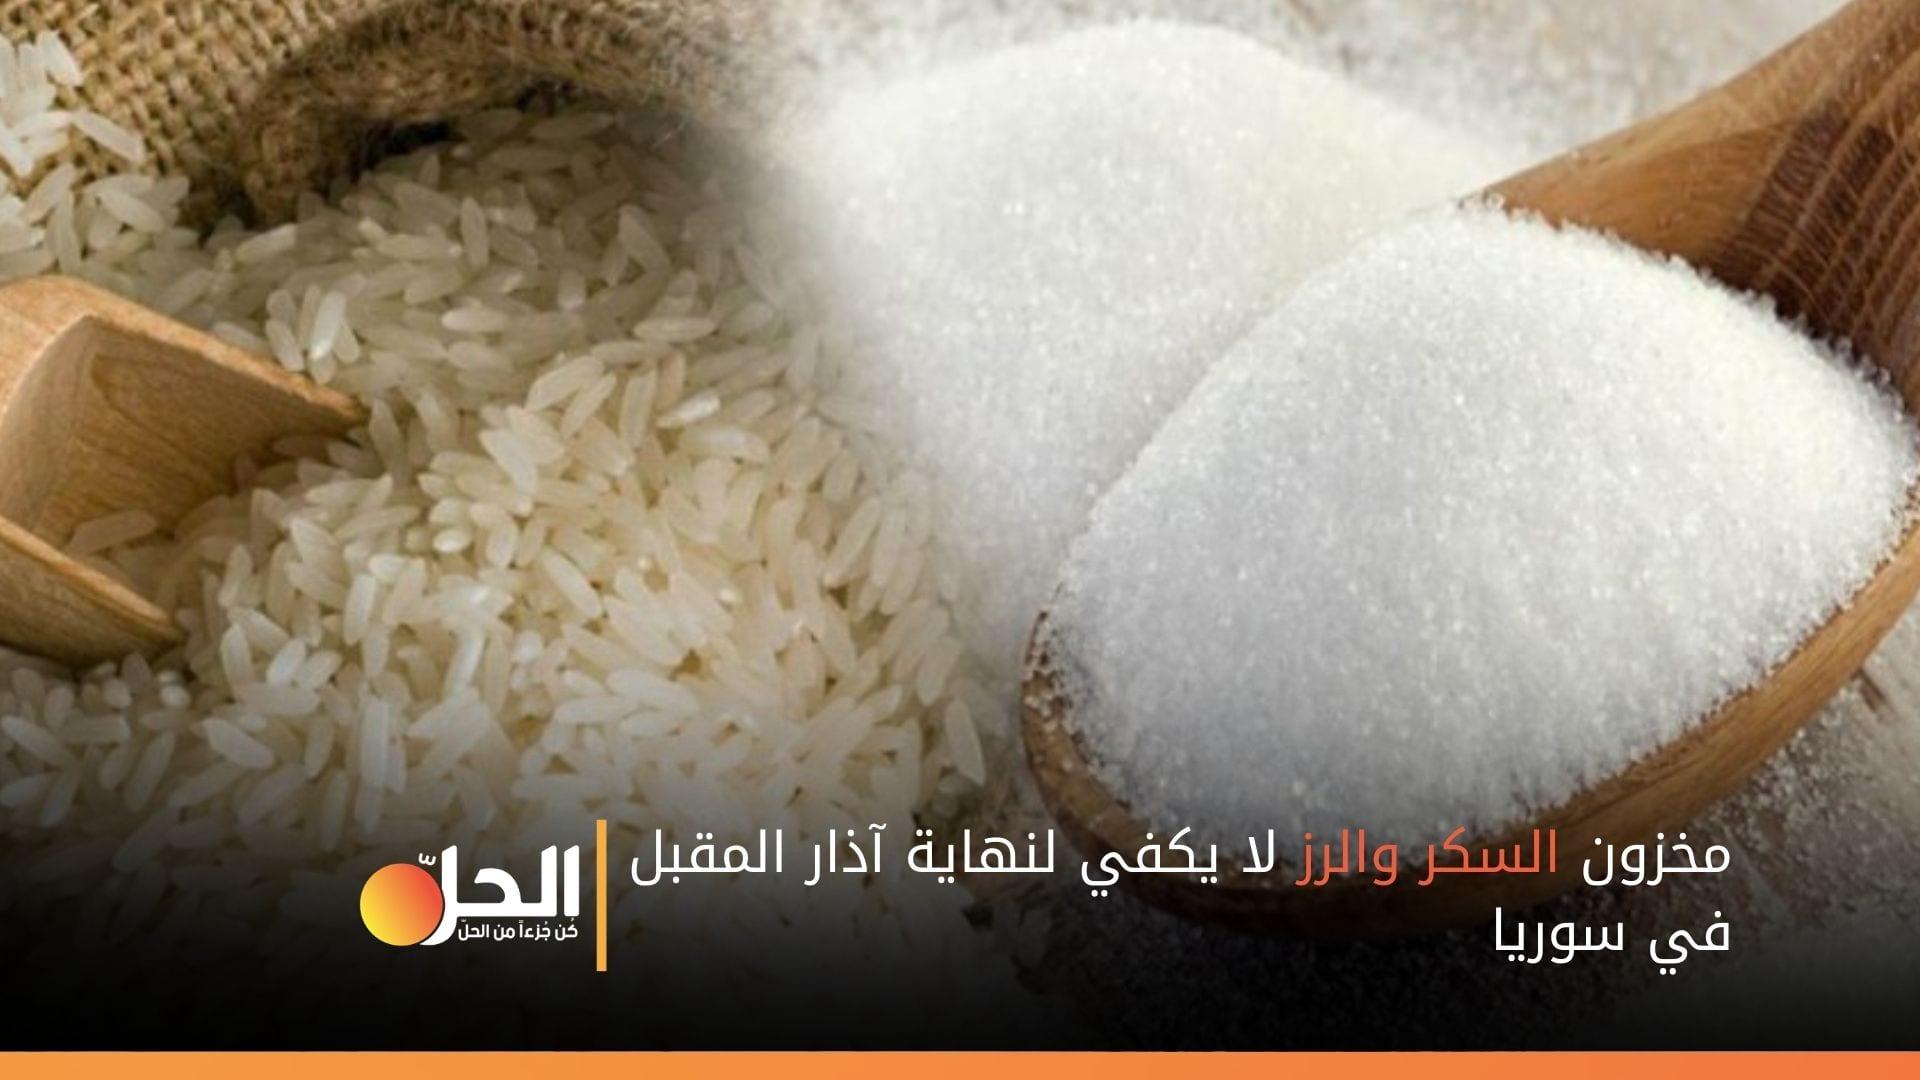 مخزون السكر والرز لا يكفي لنهاية آذار المقبل في سوريا